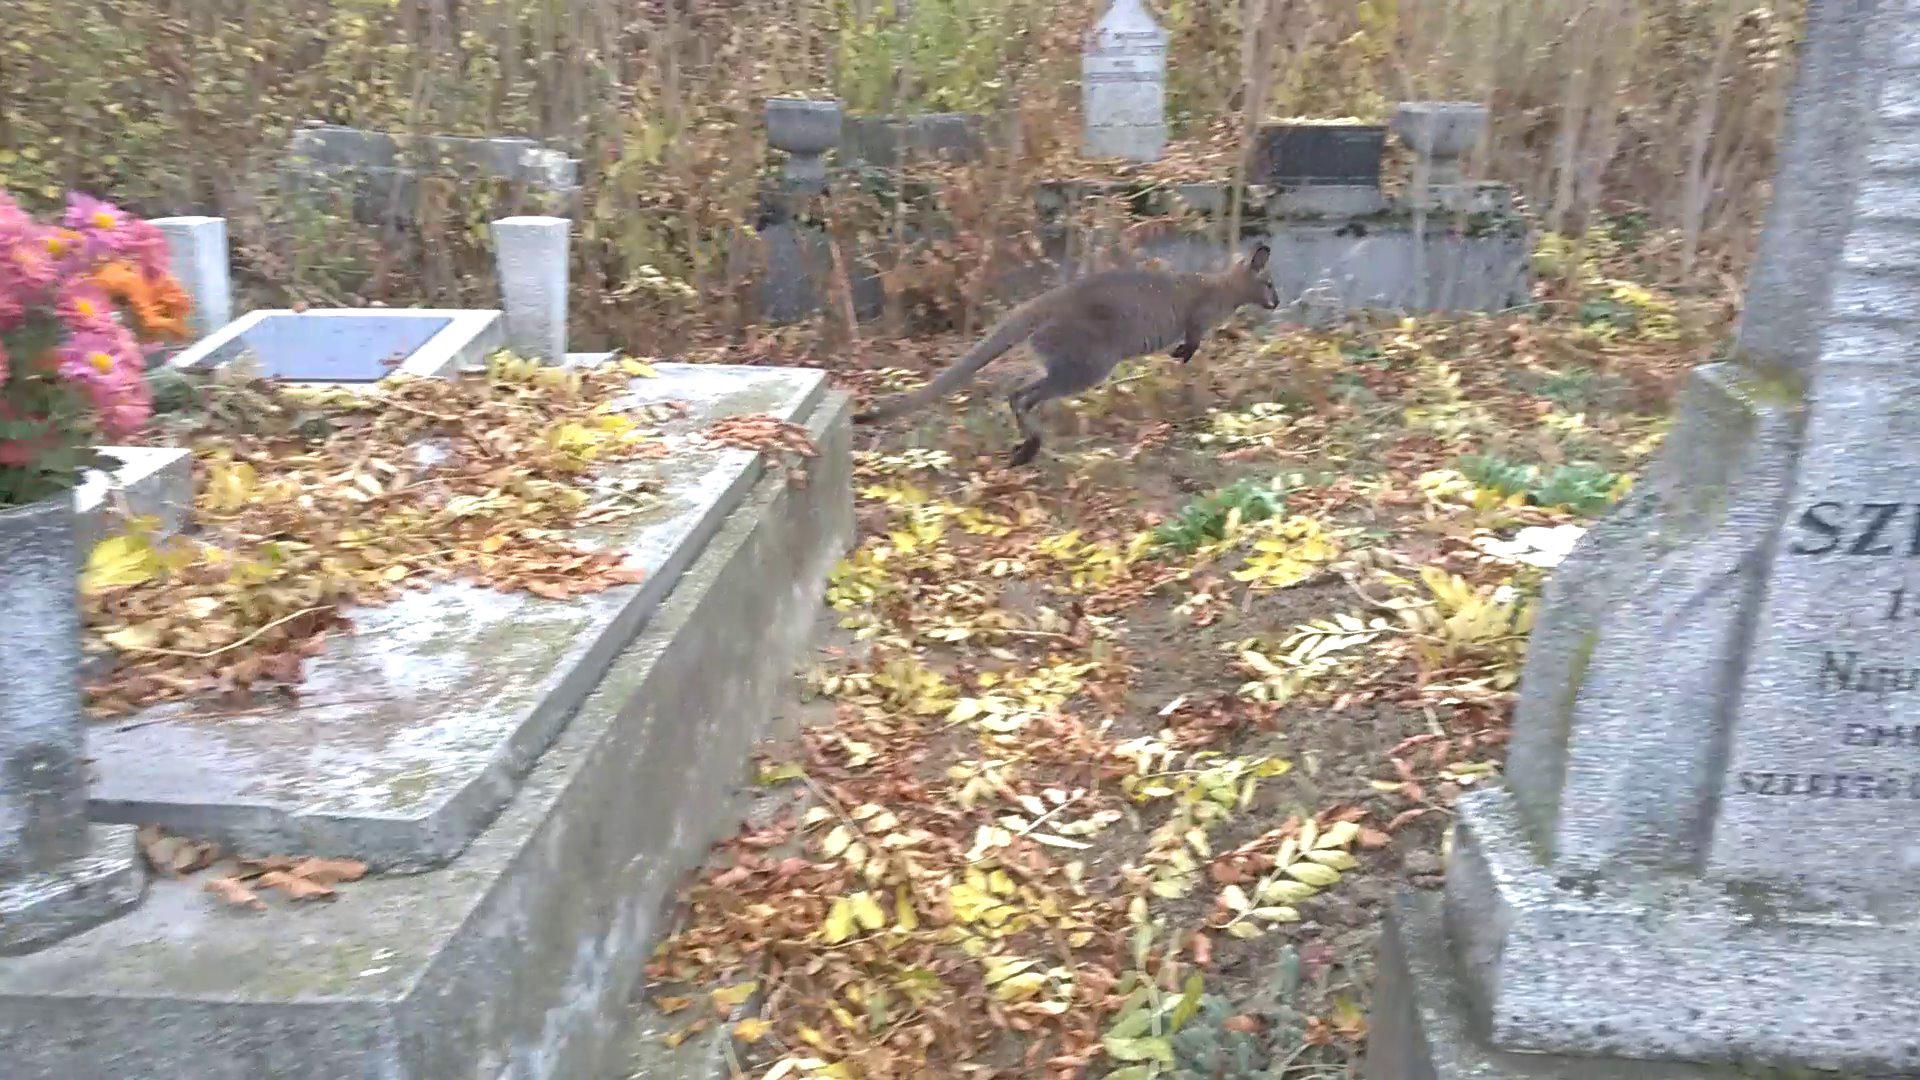 állatmentő szolgálat alapítvány önkéntese állatszeretők bartos gyula bennett-kenguru civil állatmentő szervezet debreczeni csilla katolikus temető kenguru lampek józsef némedi edina sírkert különleges lakója smányi tímea temető